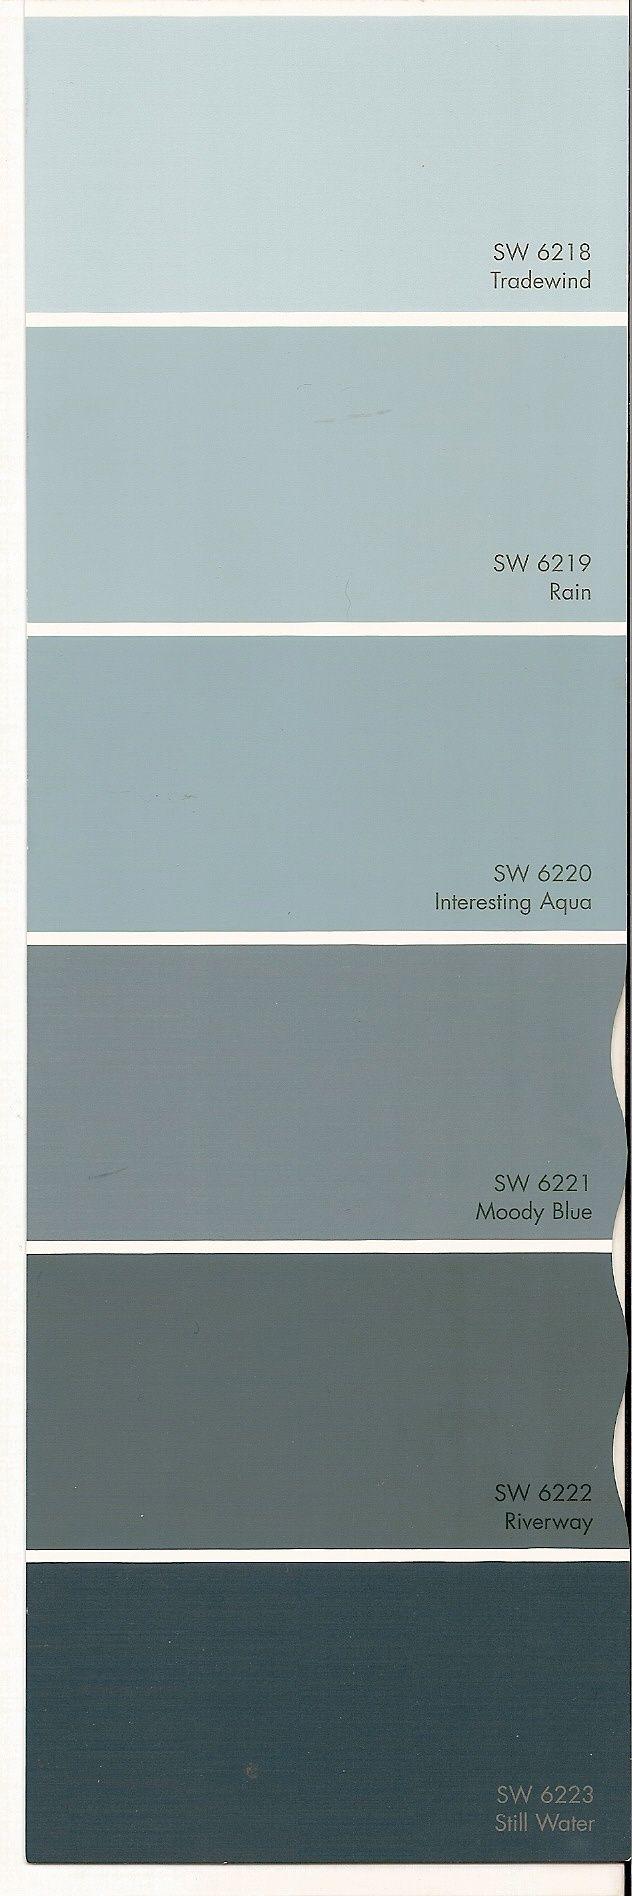 garage paint ideas pinterest - 1000 ideas about Colour Swatches on Pinterest